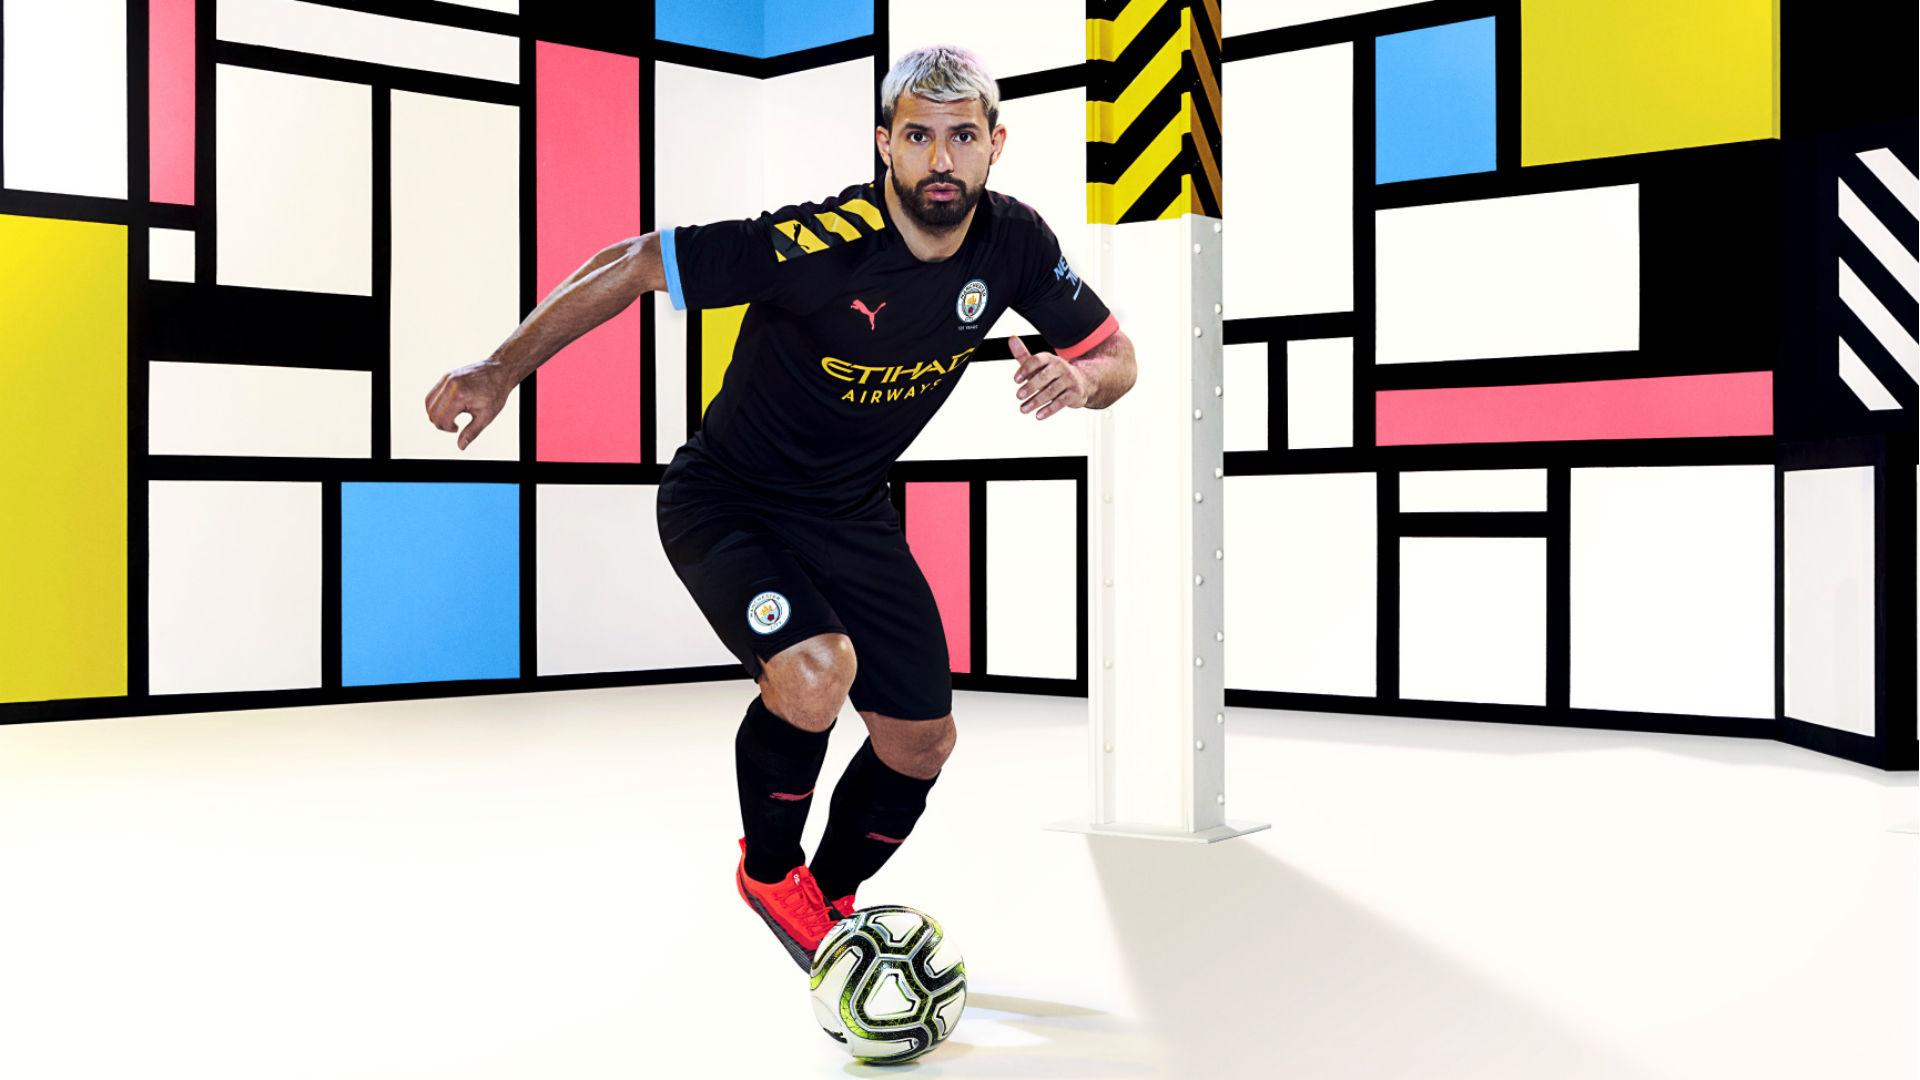 Manchester City dévoile ses nouveaux maillots pour la saison 2019-2020